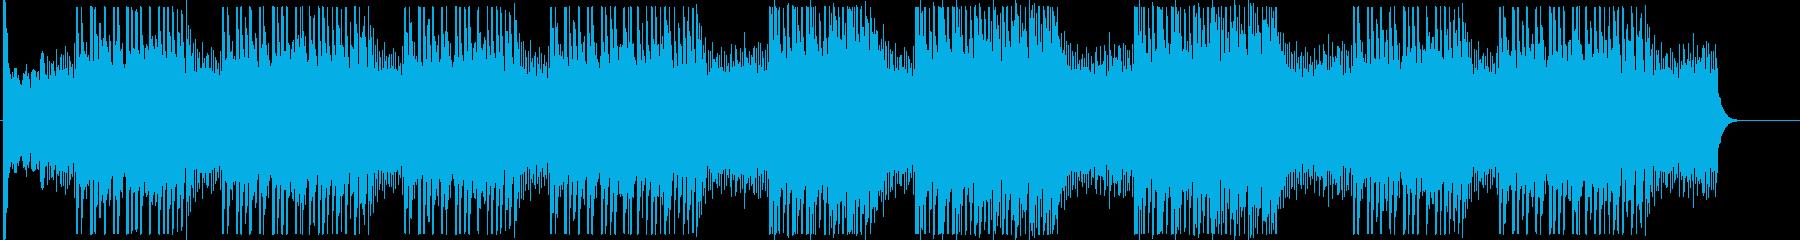 和洋折衷なレトロサウンドの再生済みの波形